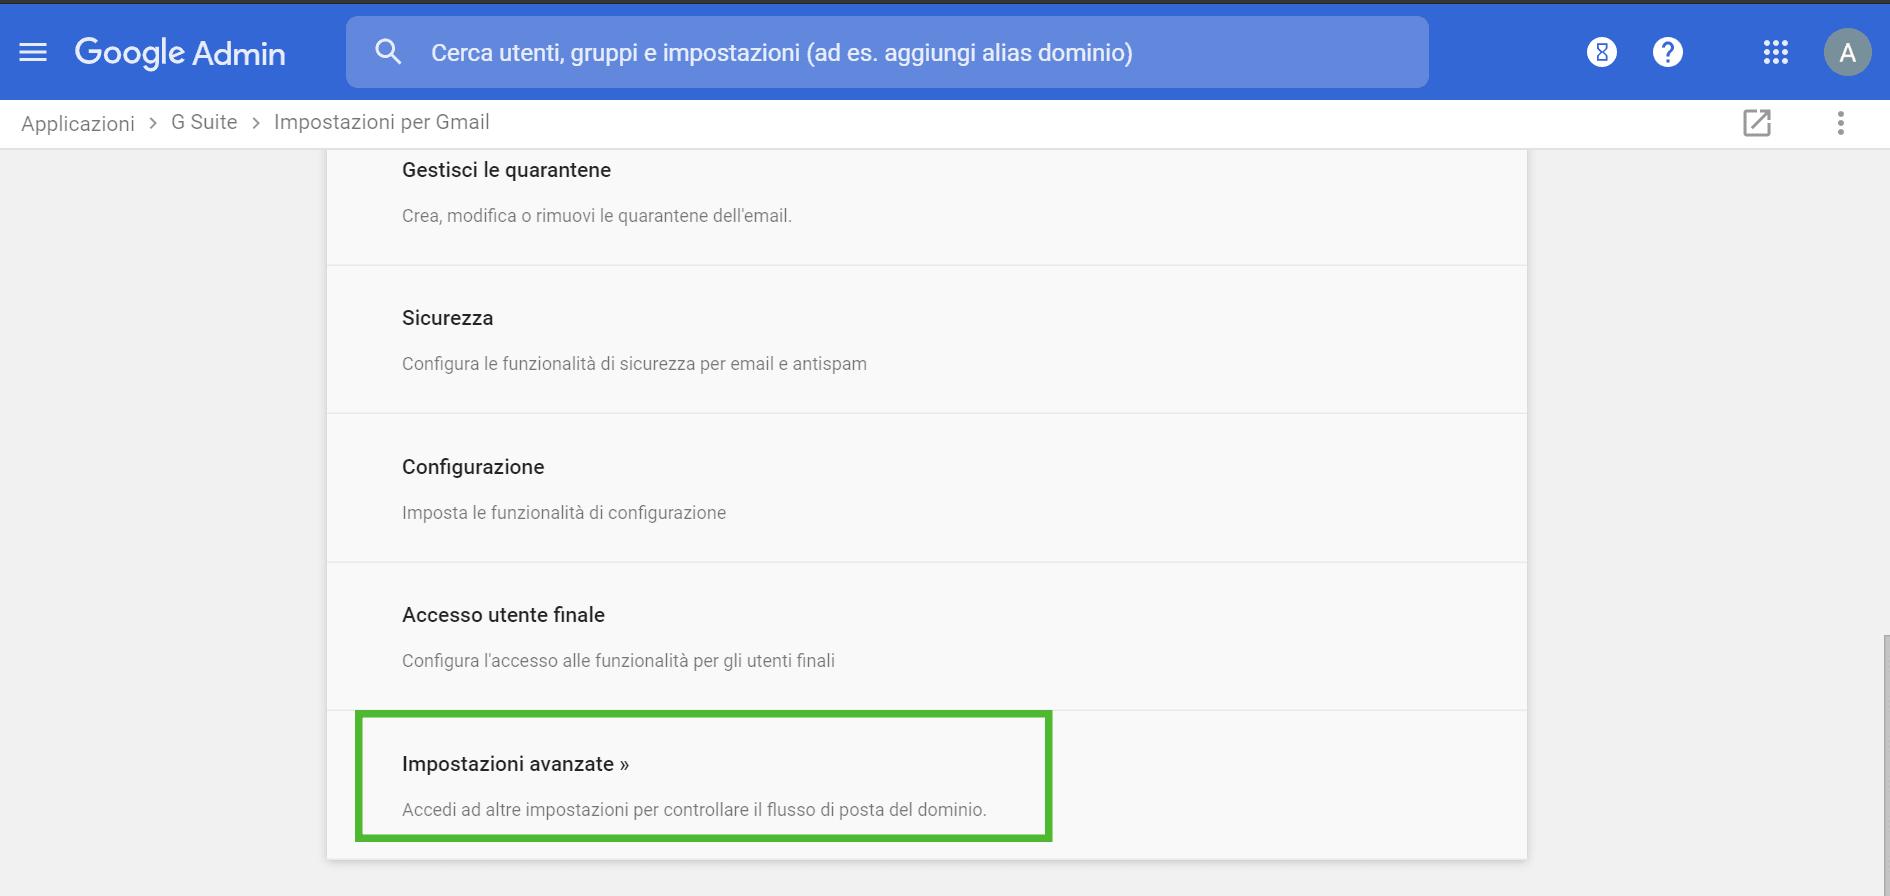 limitare gmail - impostazioni avanzate